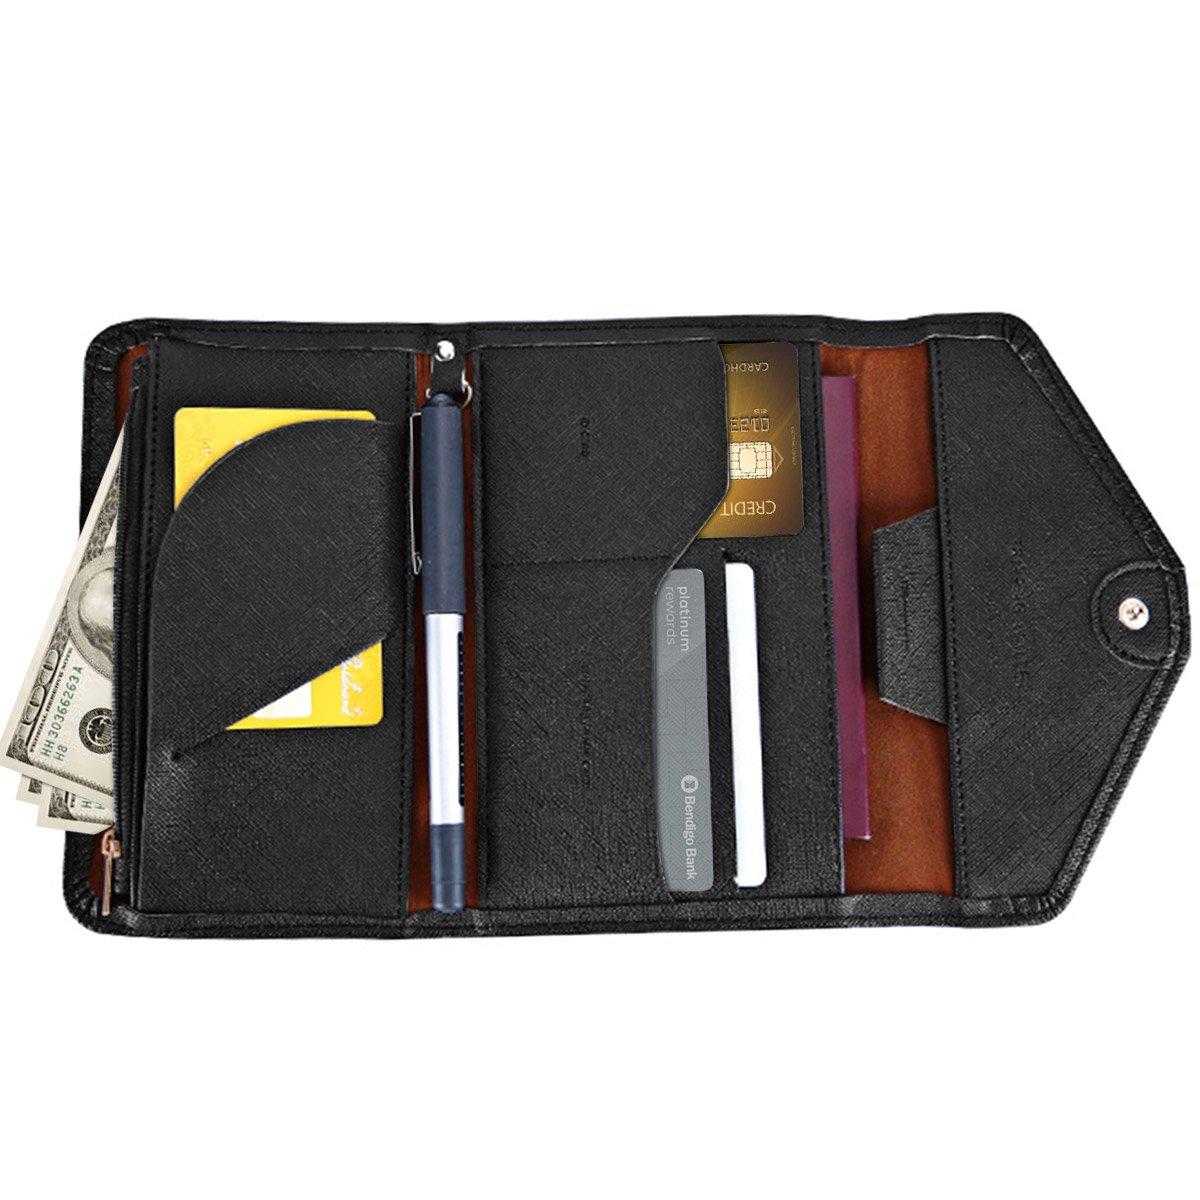 Travel Wallet Sumpus Passport Holder Card Holder RFID Document Organizer for Men Women Black